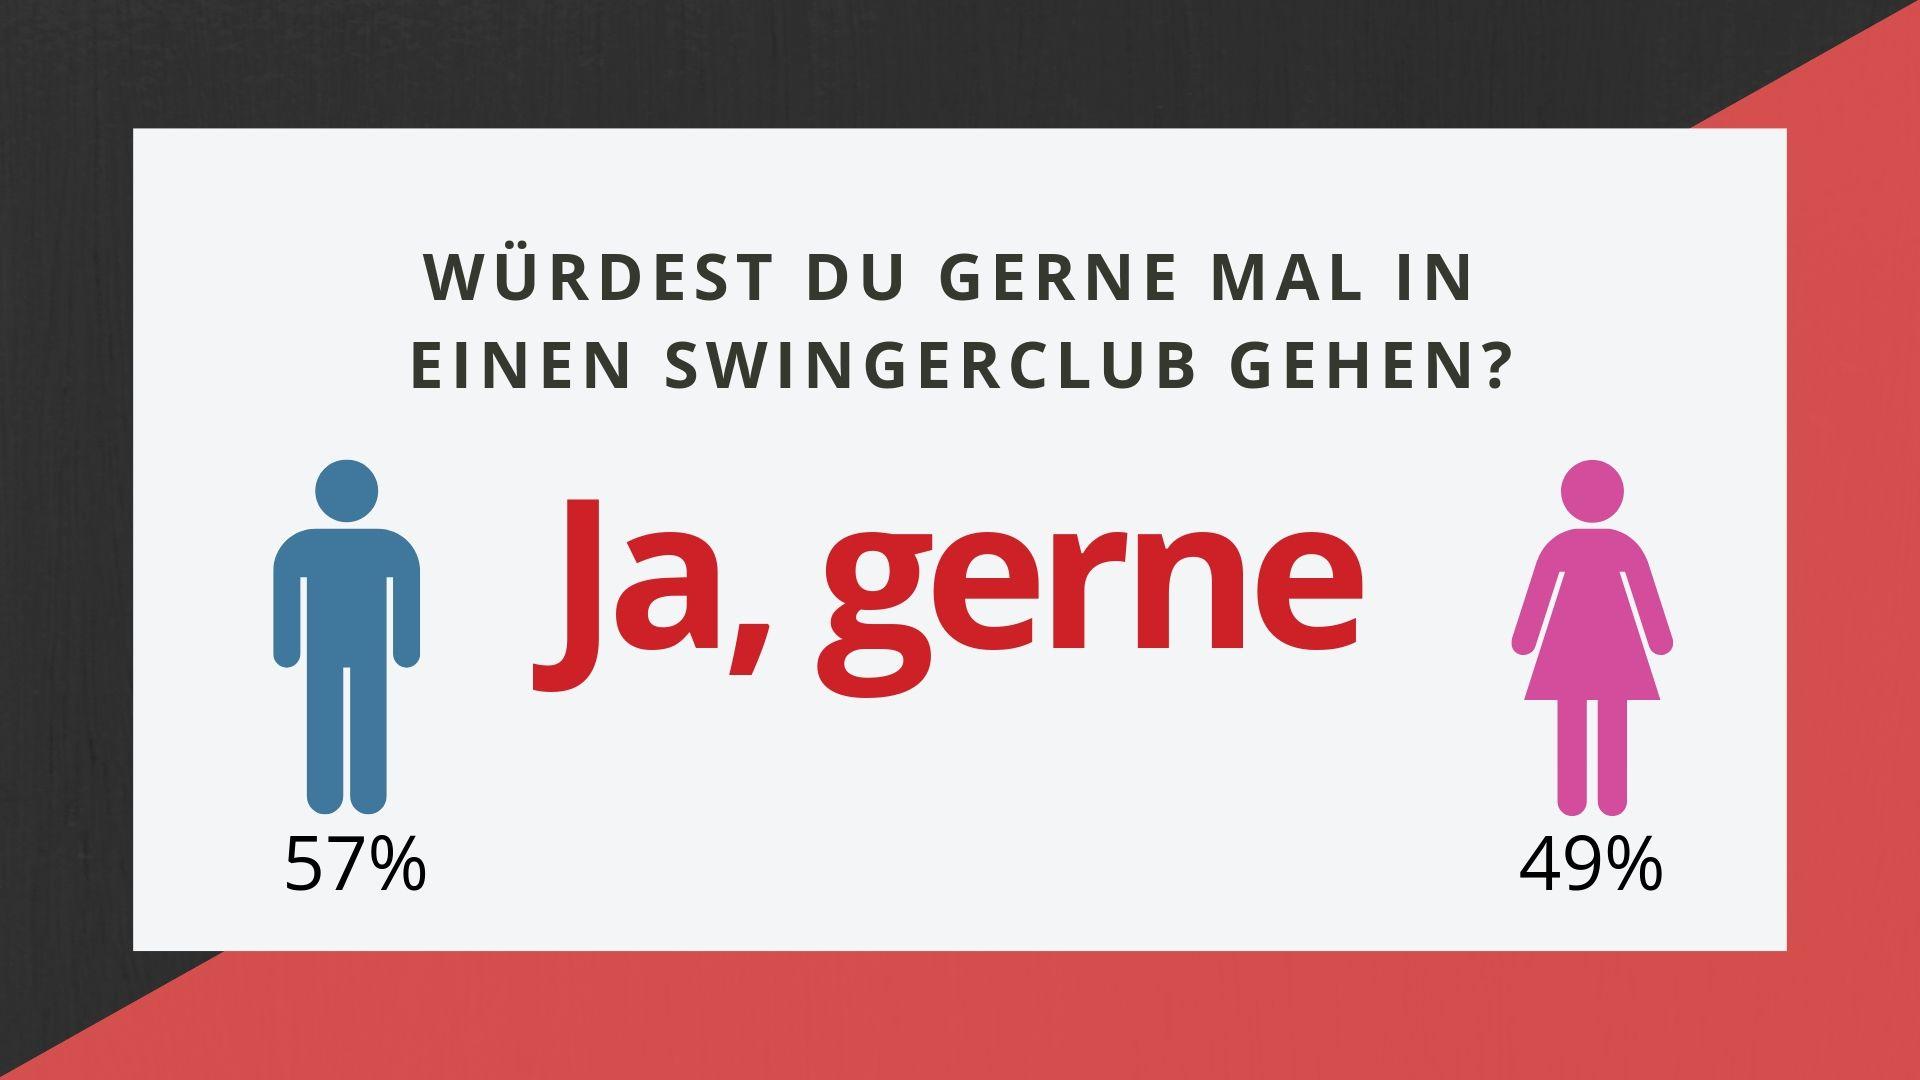 Umfrage zu Gewohnheiten im Swingerclub auf Poppen.de